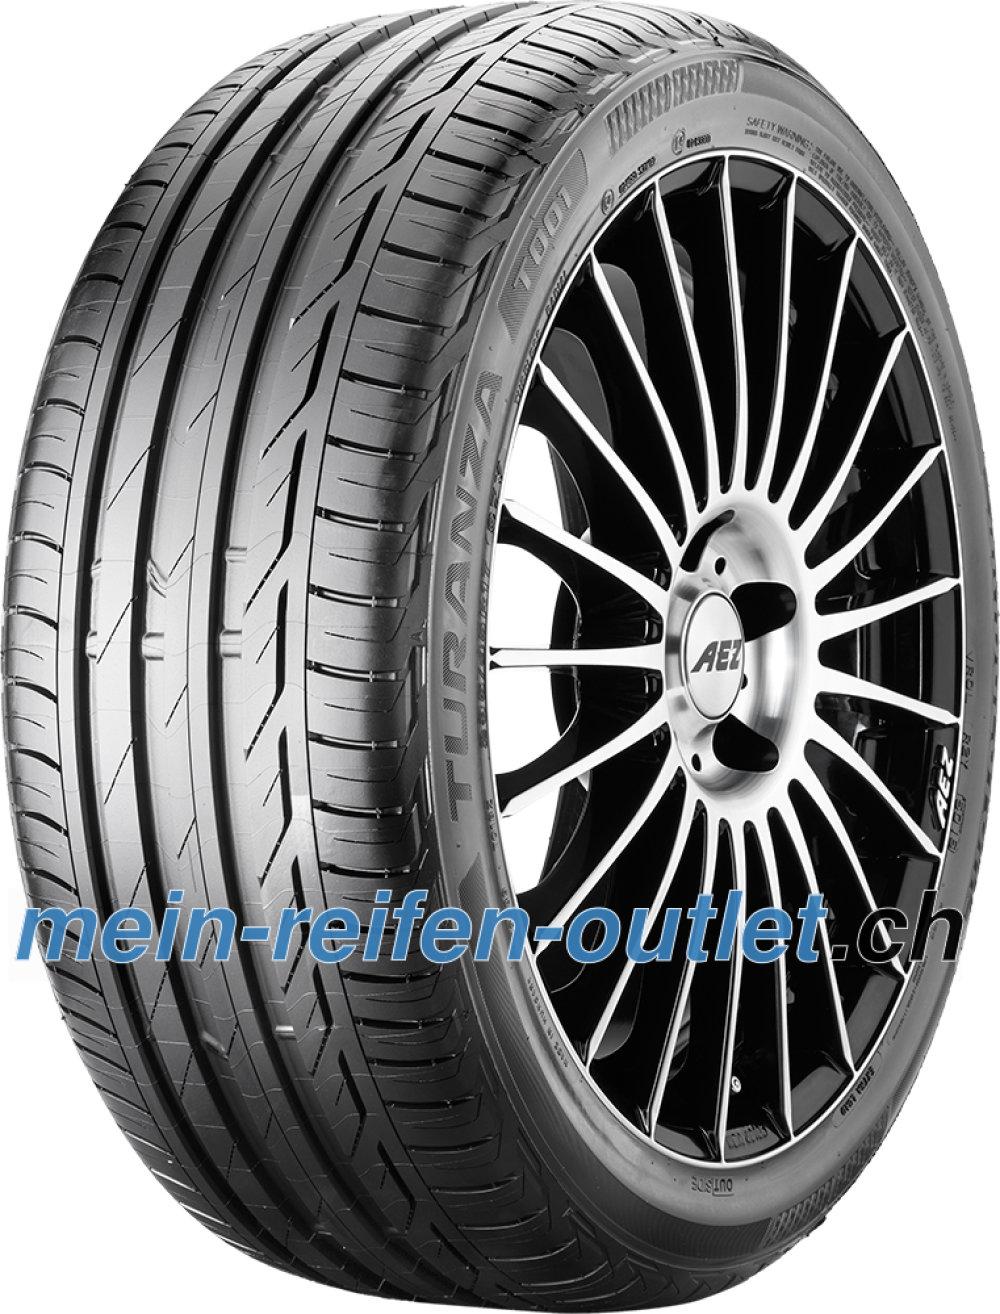 Bridgestone Turanza T001 Evo ( 205/55 R16 91H )